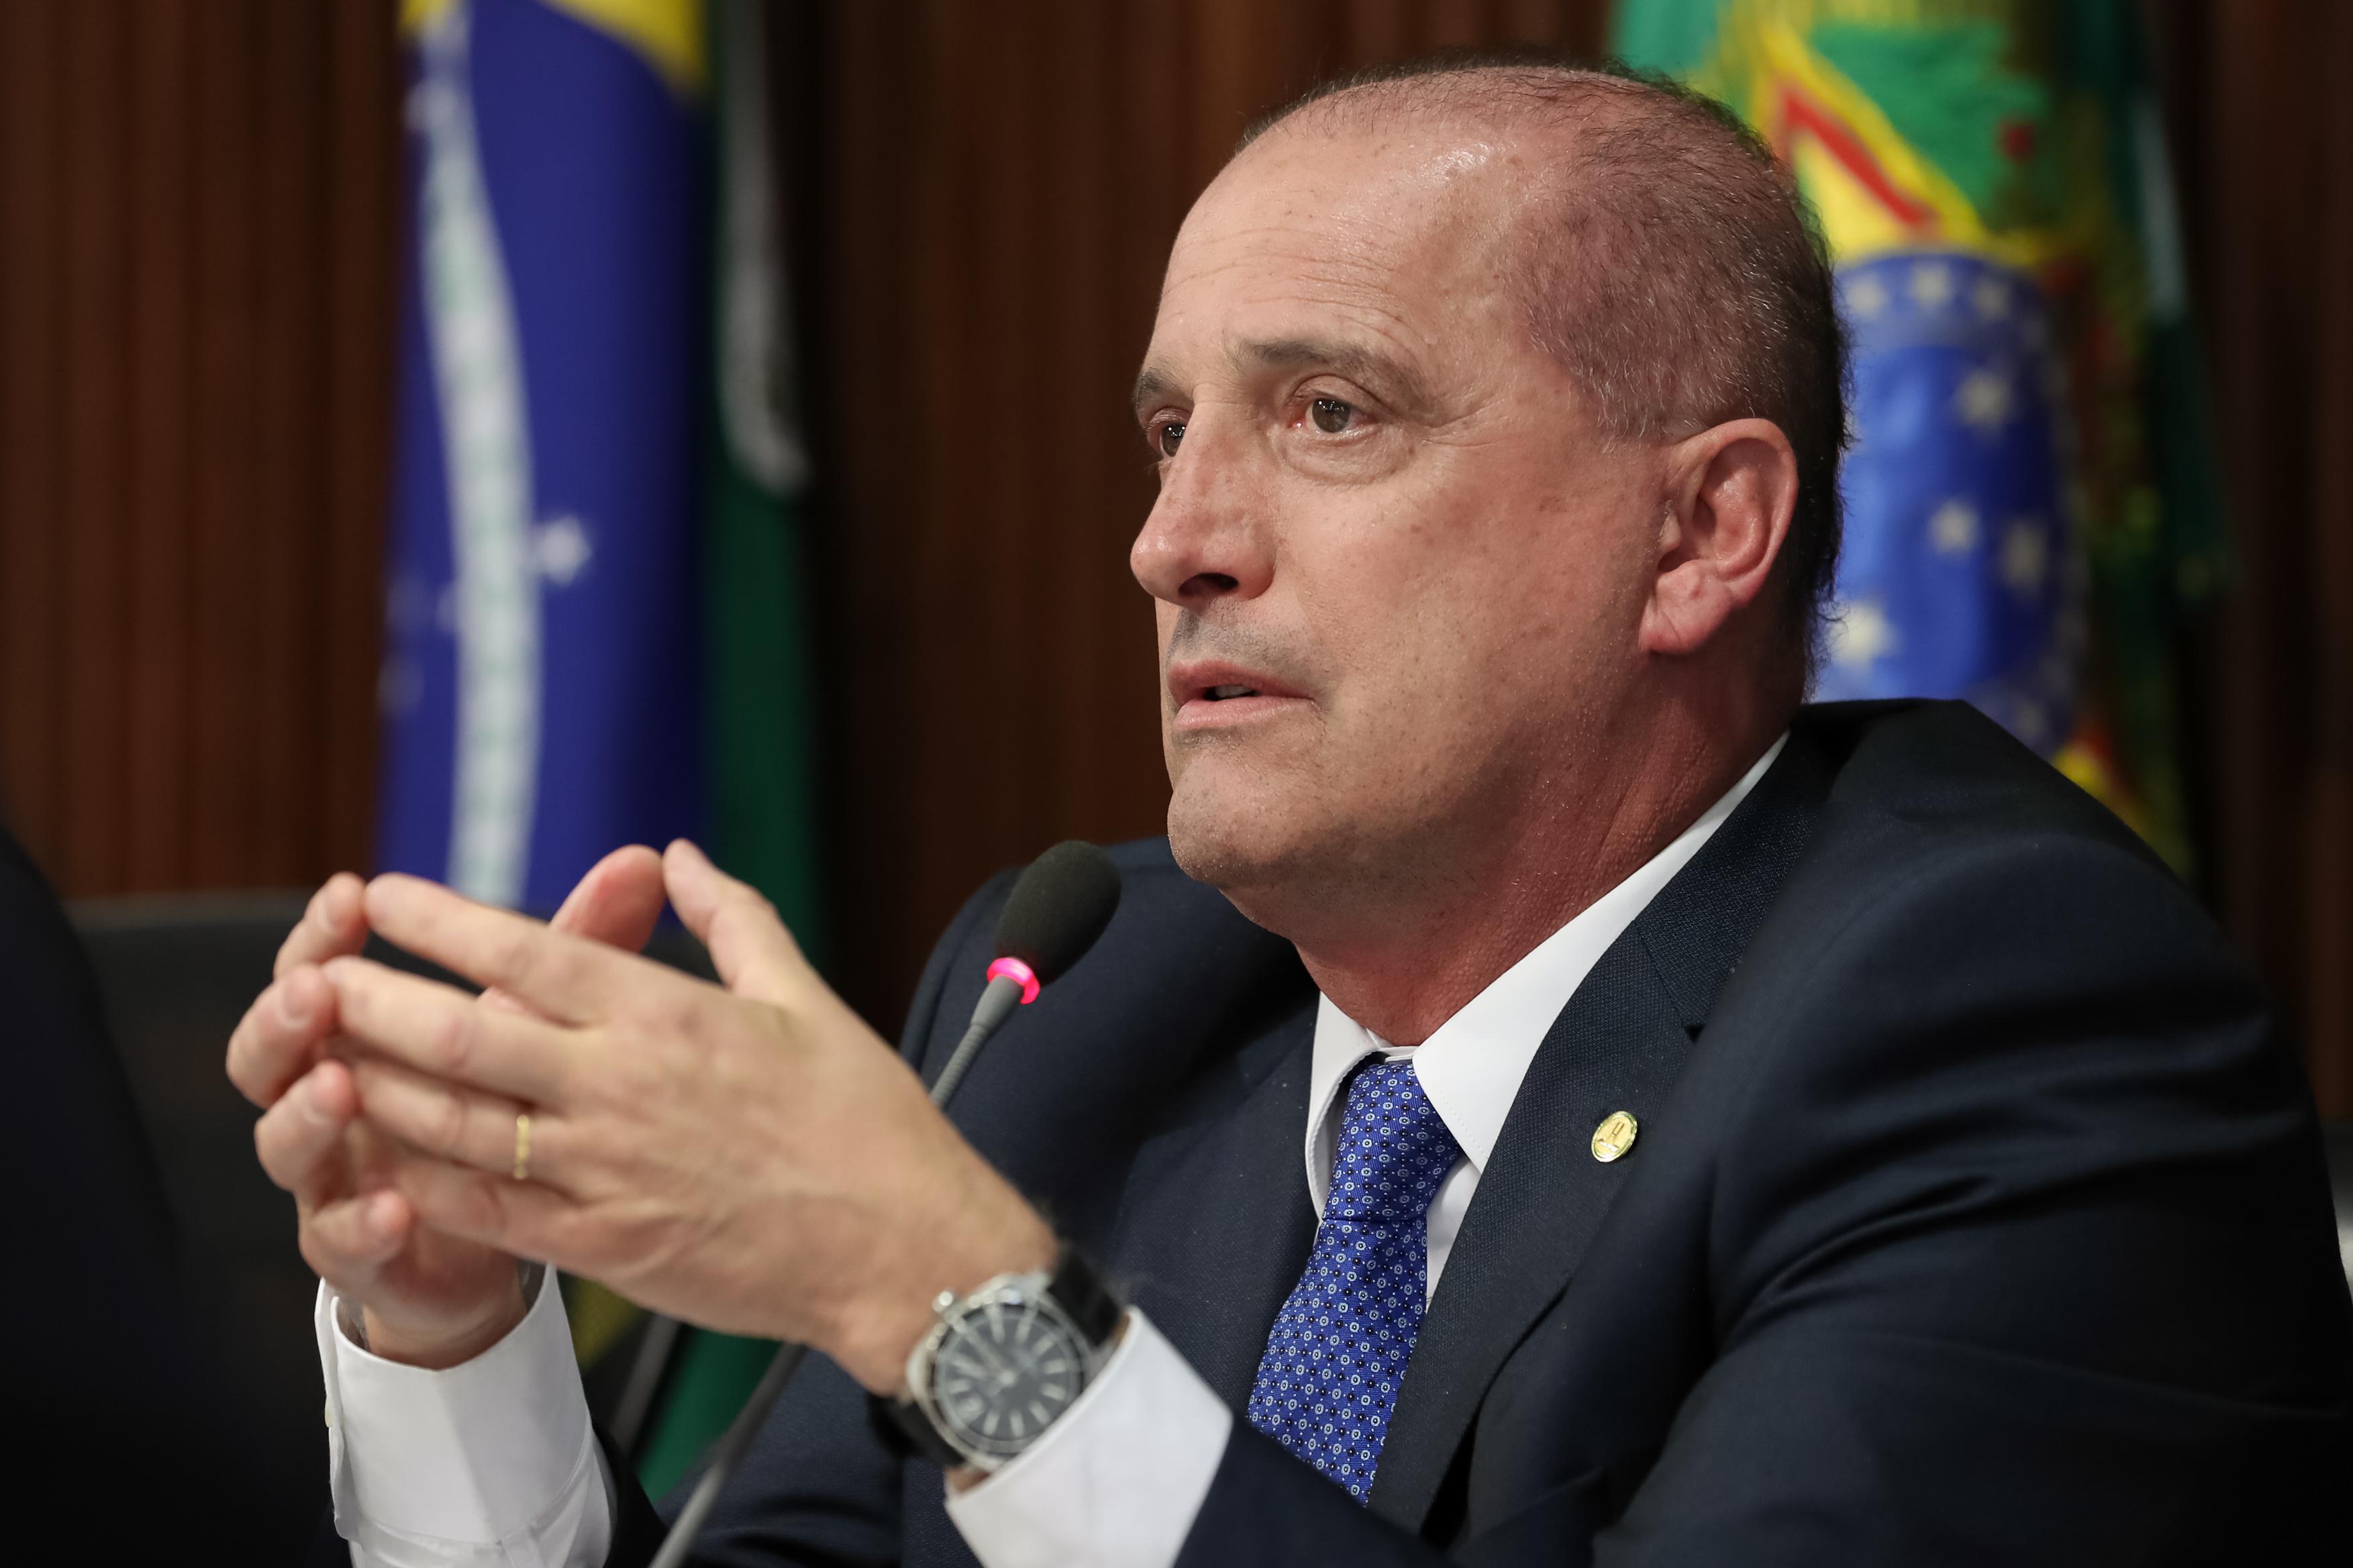 IMAGEM: Governo vai enviar PEC da capitalização nas próximas semanas, diz Onyx